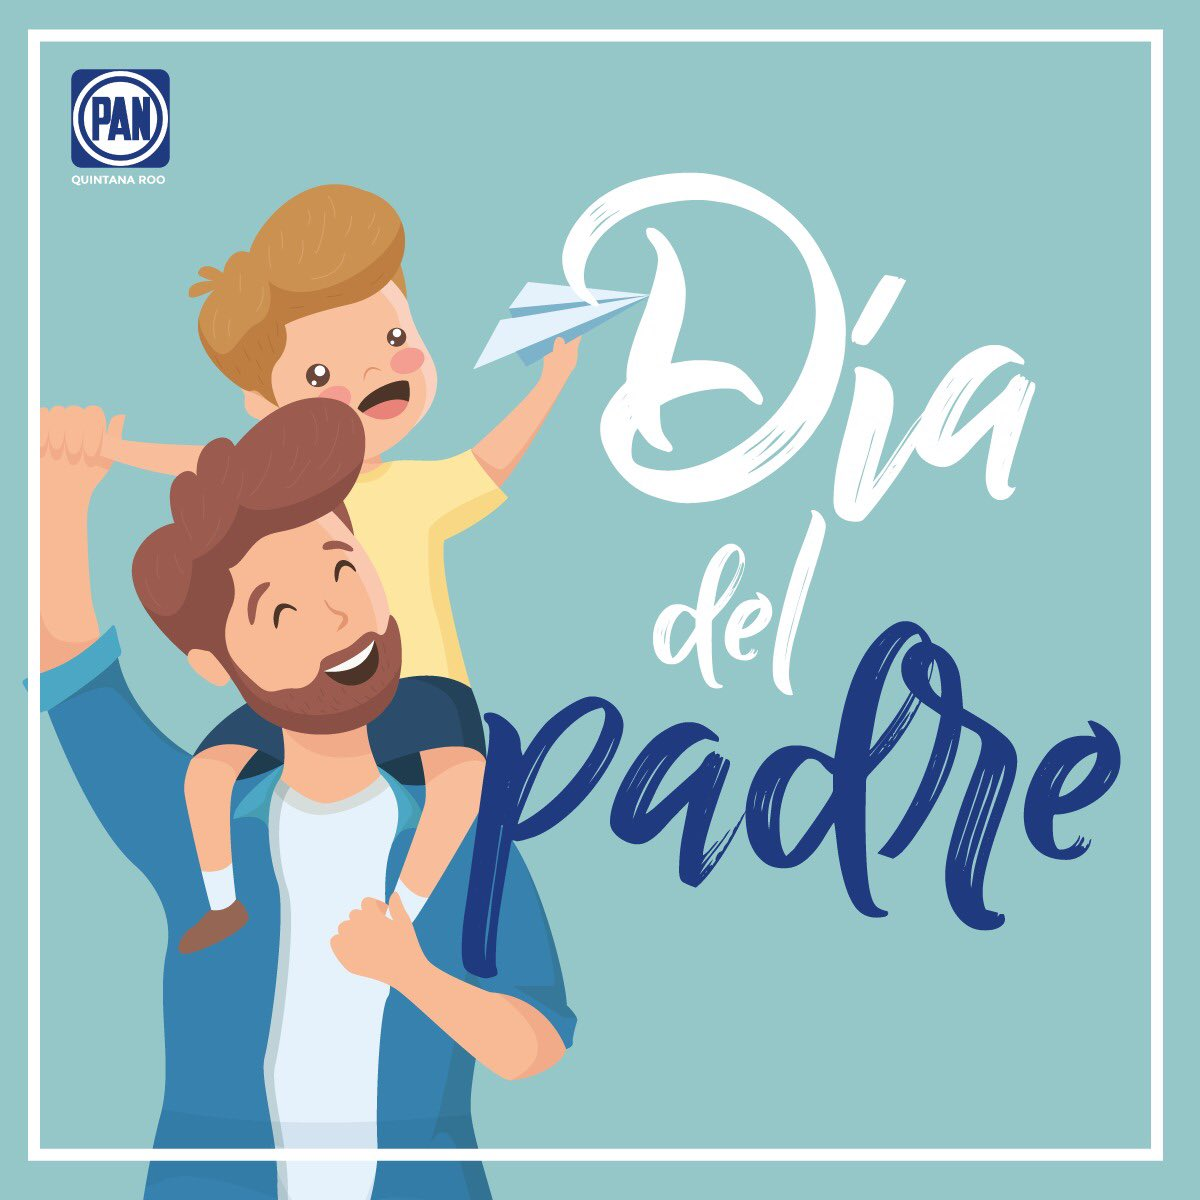 Felicidades a todos aquellos que trabajan en la importante tarea de guiar a sus hijos #FelizDíaDelPadre